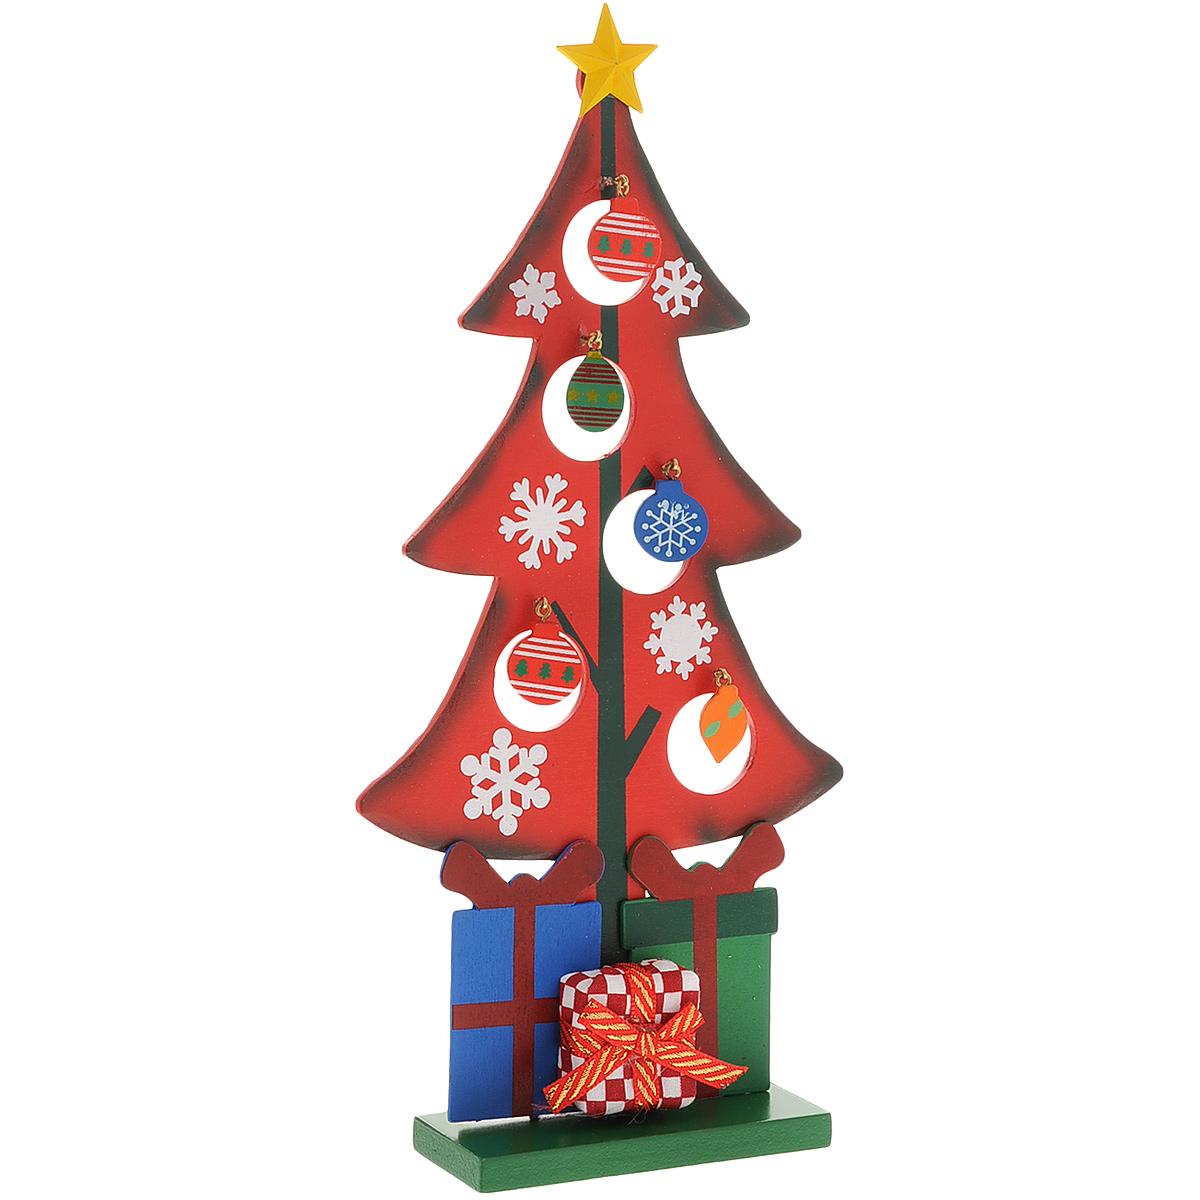 Украшение новогоднее Рождественская елочка, цвет: красный, 28 см. 35265512-113Украшение Рождественская елочка, изготовленное из дерева, отлично подойдет для декорации вашего дома. Украшение выполнено в виде ели на прямоугольной подставке. Елка украшена снежинками, подарками, новогодними игрушками на металлических крючках и верхушкой-звездой. Новогодние украшения всегда несут в себе волшебство и красоту праздника. Создайте в своем доме атмосферу тепла, веселья и радости, украшая его всей семьей.